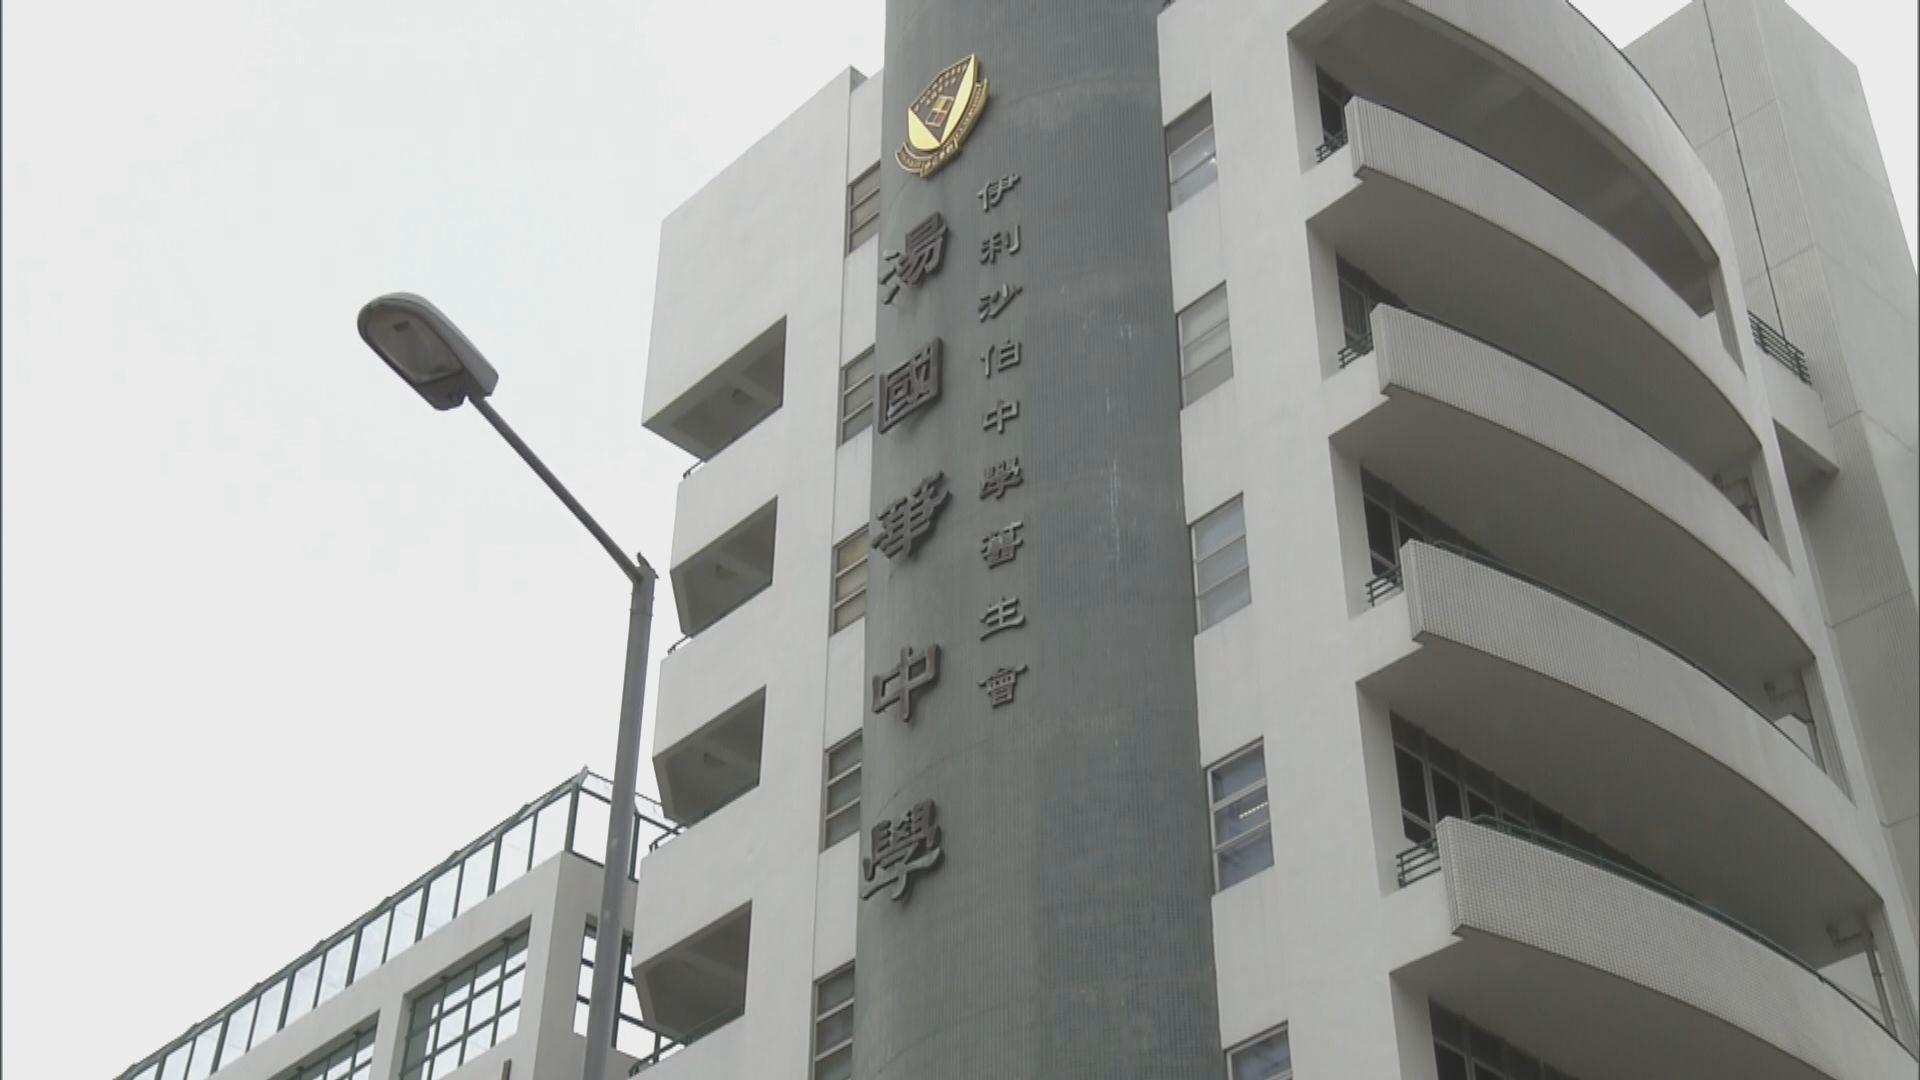 消息:本港新增1宗確診 為17歲天水圍女學生